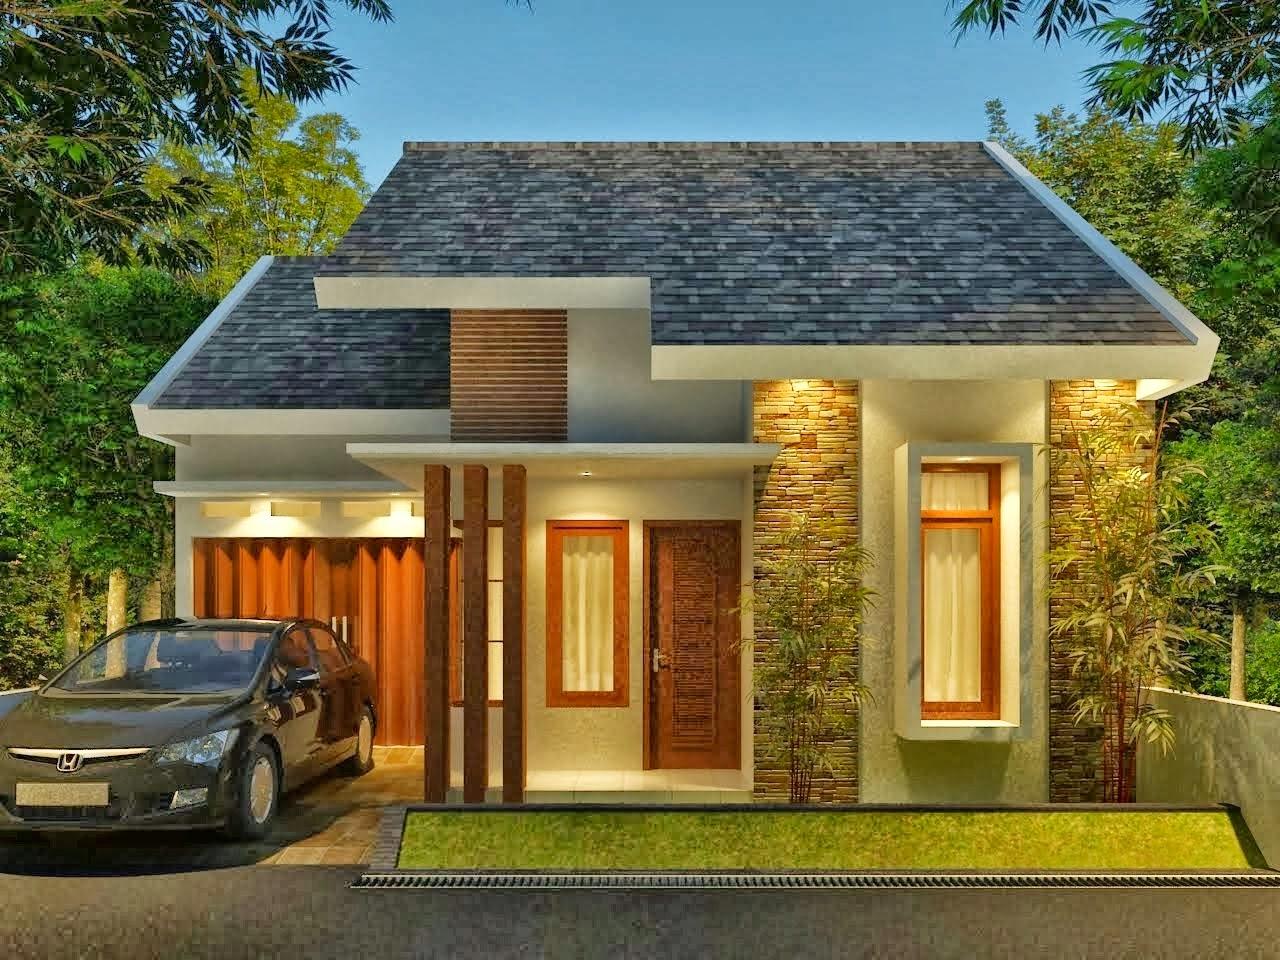 Desaign Rumah Minimalis Desain Rumah Minimalis Modern 1 Lantai